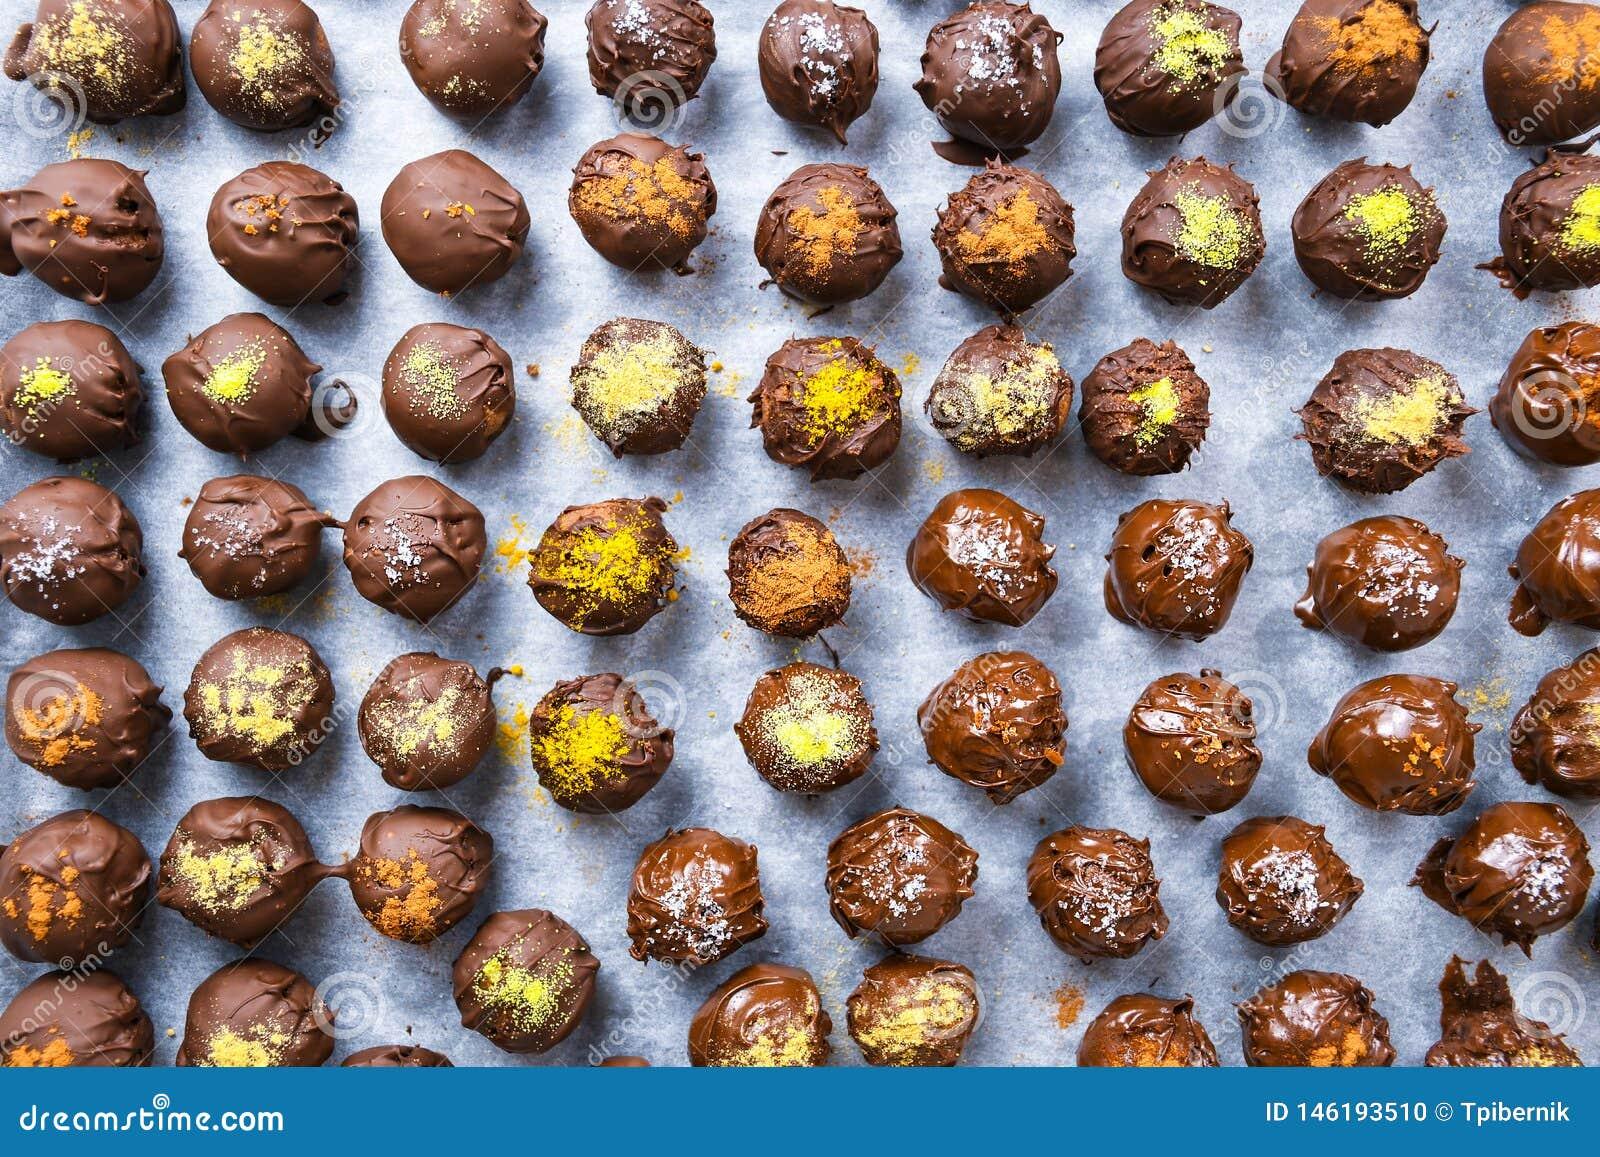 Groep zoete en smakelijke eigengemaakte chocoladeballen op een steunend document